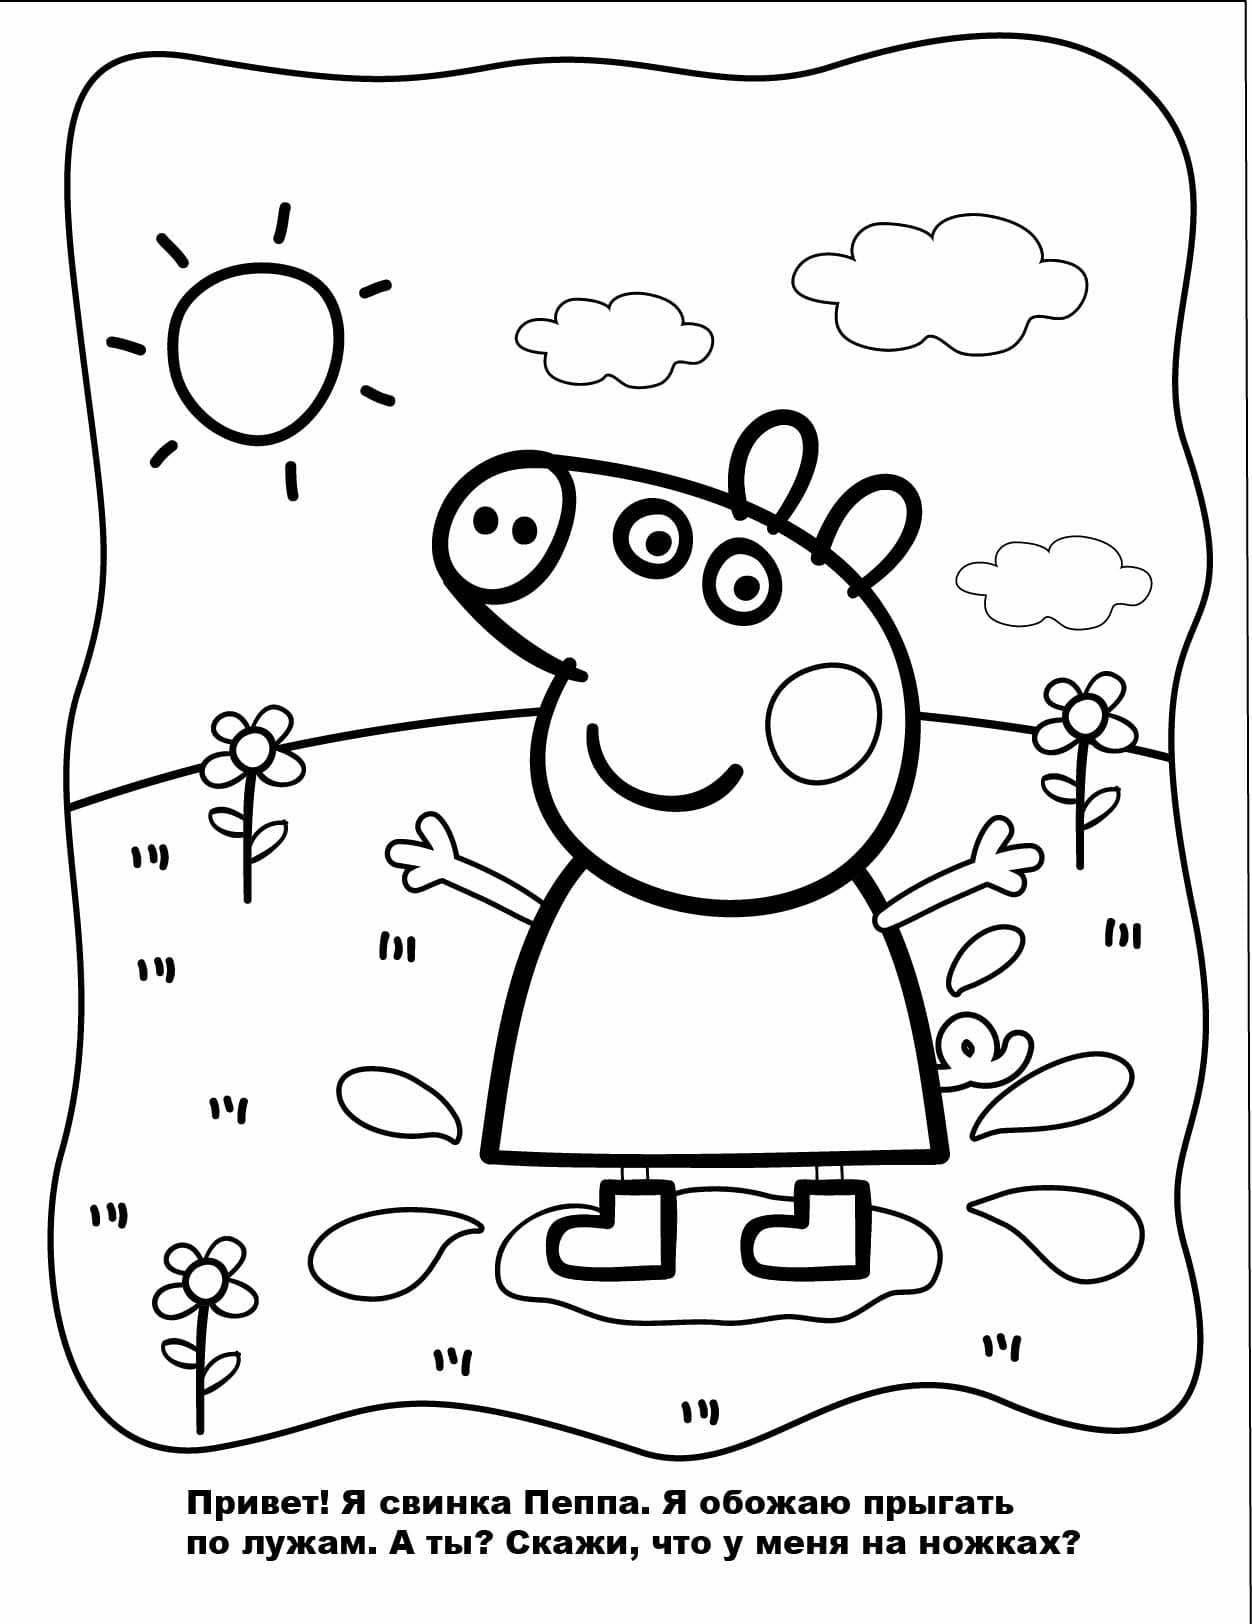 раскраски свинки пеппы её семьи и друзей распечатать онлайн